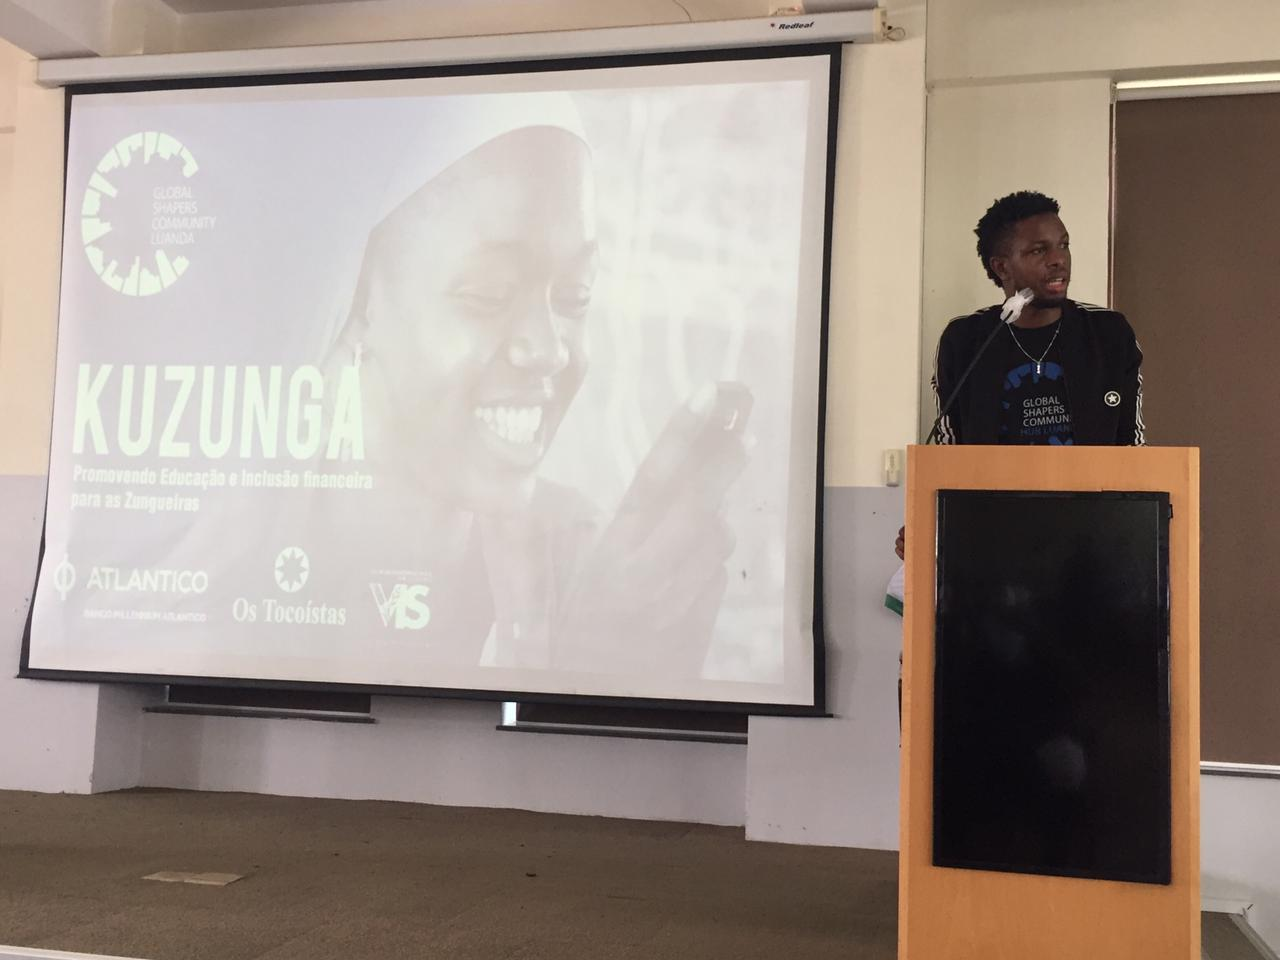 Global Shapers lançam programa de educação e inclusão financeira para mulheres zungueiras